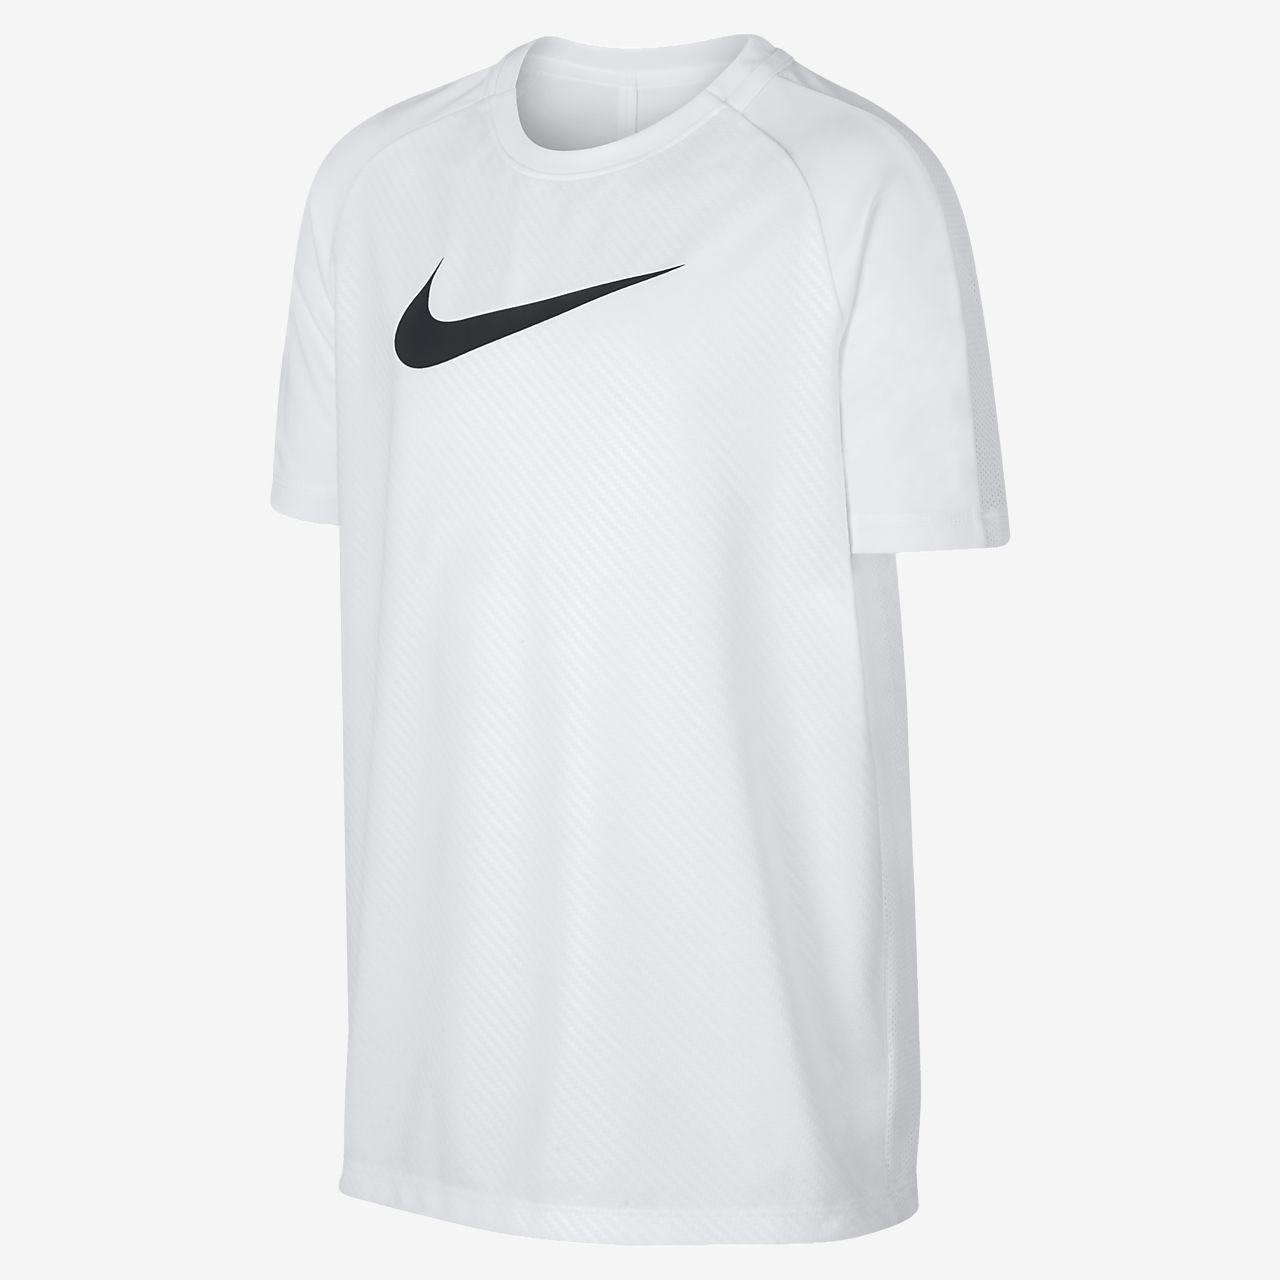 เสื้อฟุตบอลแขนสั้นเด็กโต Nike Dri-FIT Academy